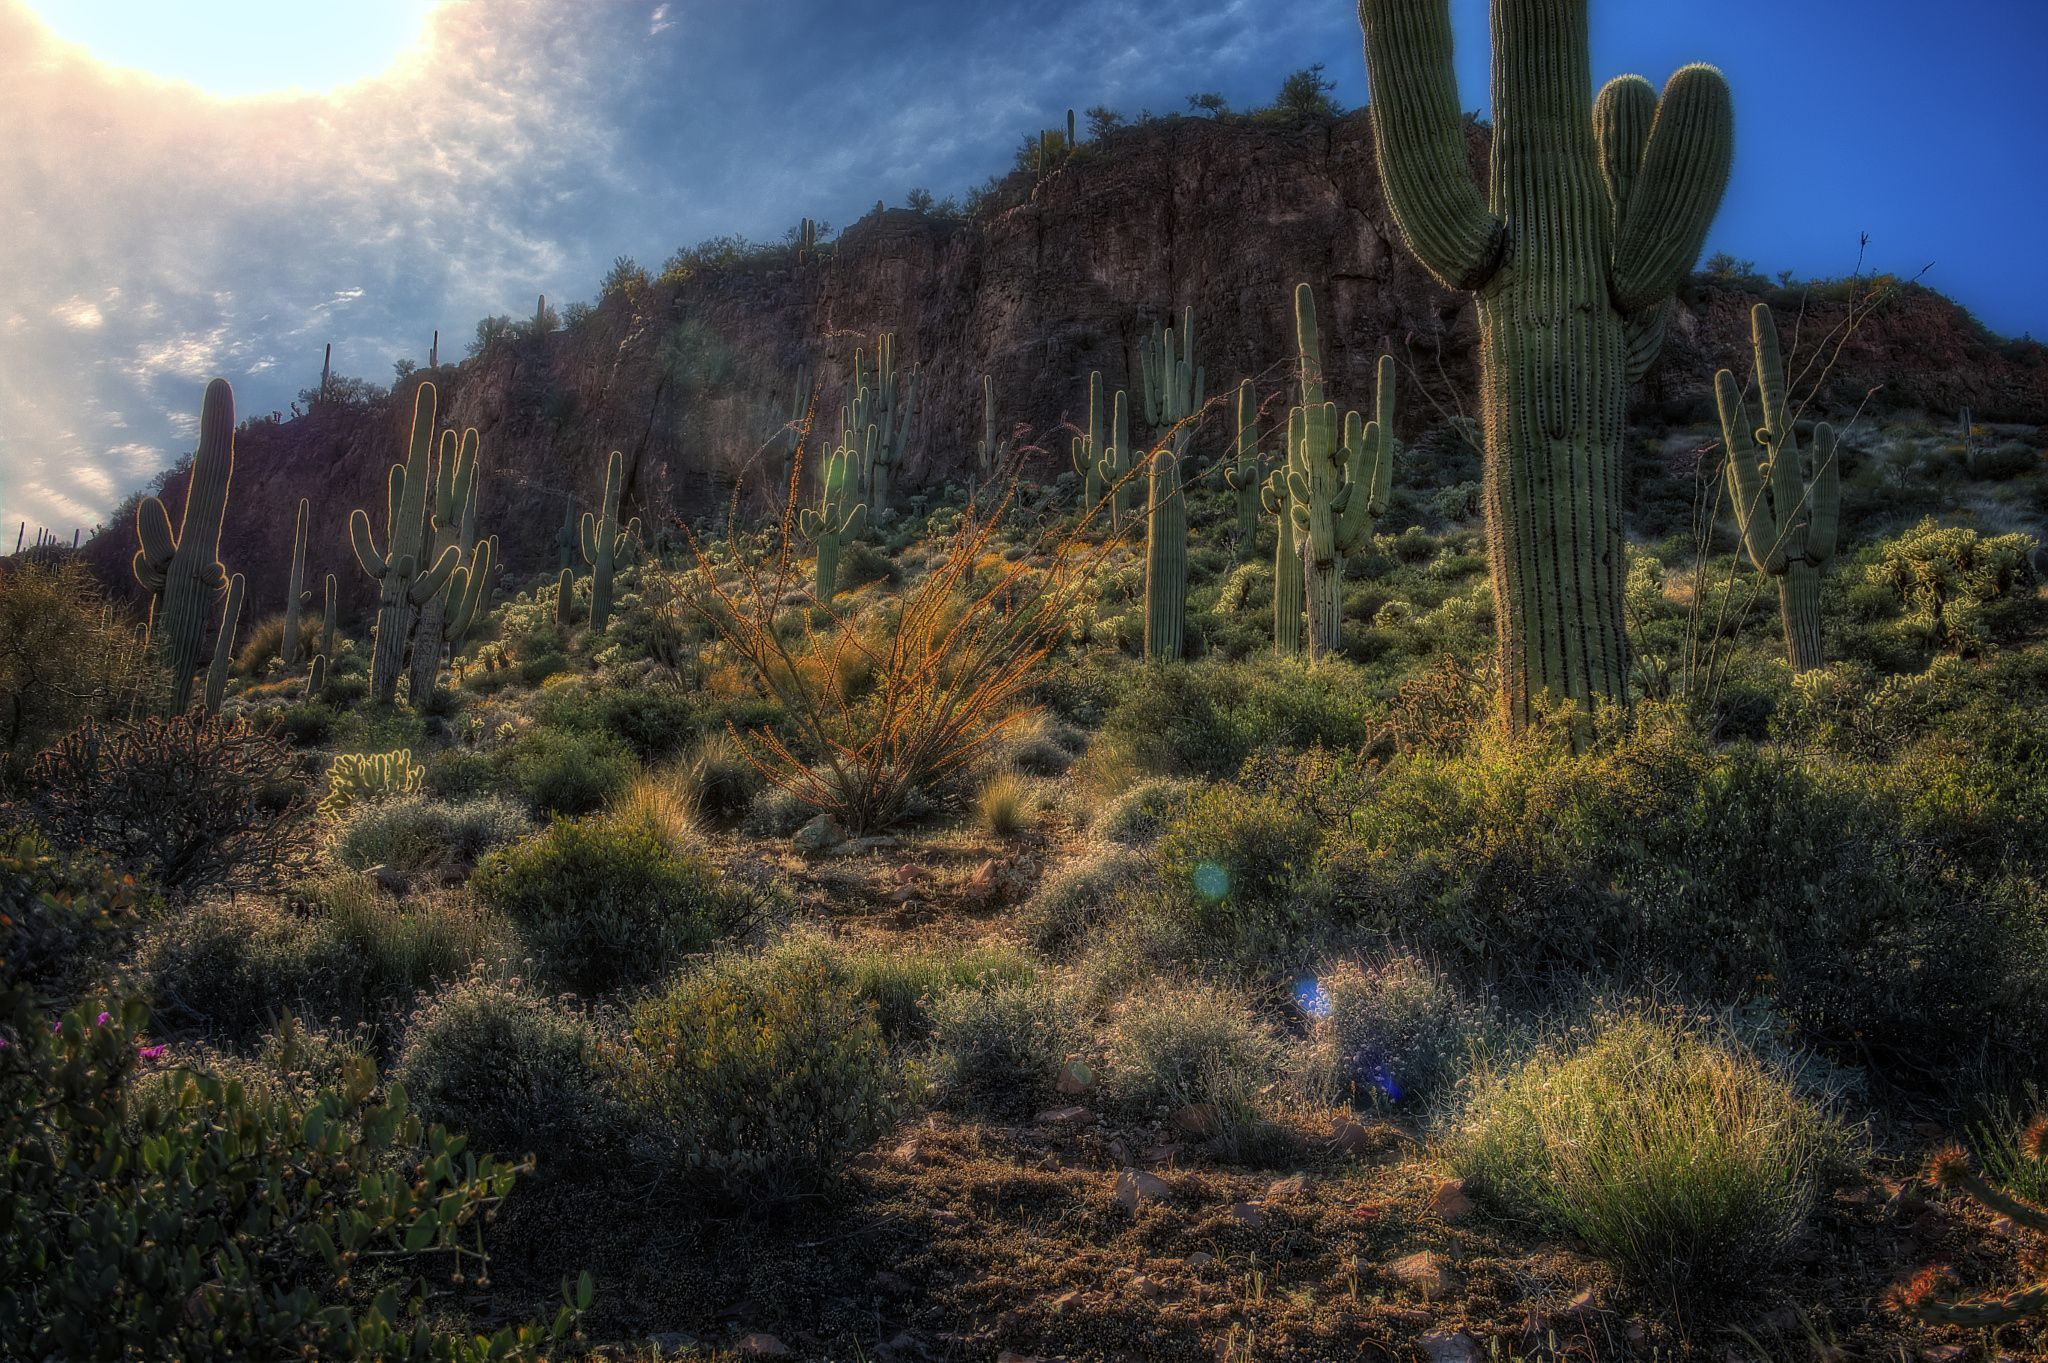 Desert Garden by Randy Dietmeyer on 500px